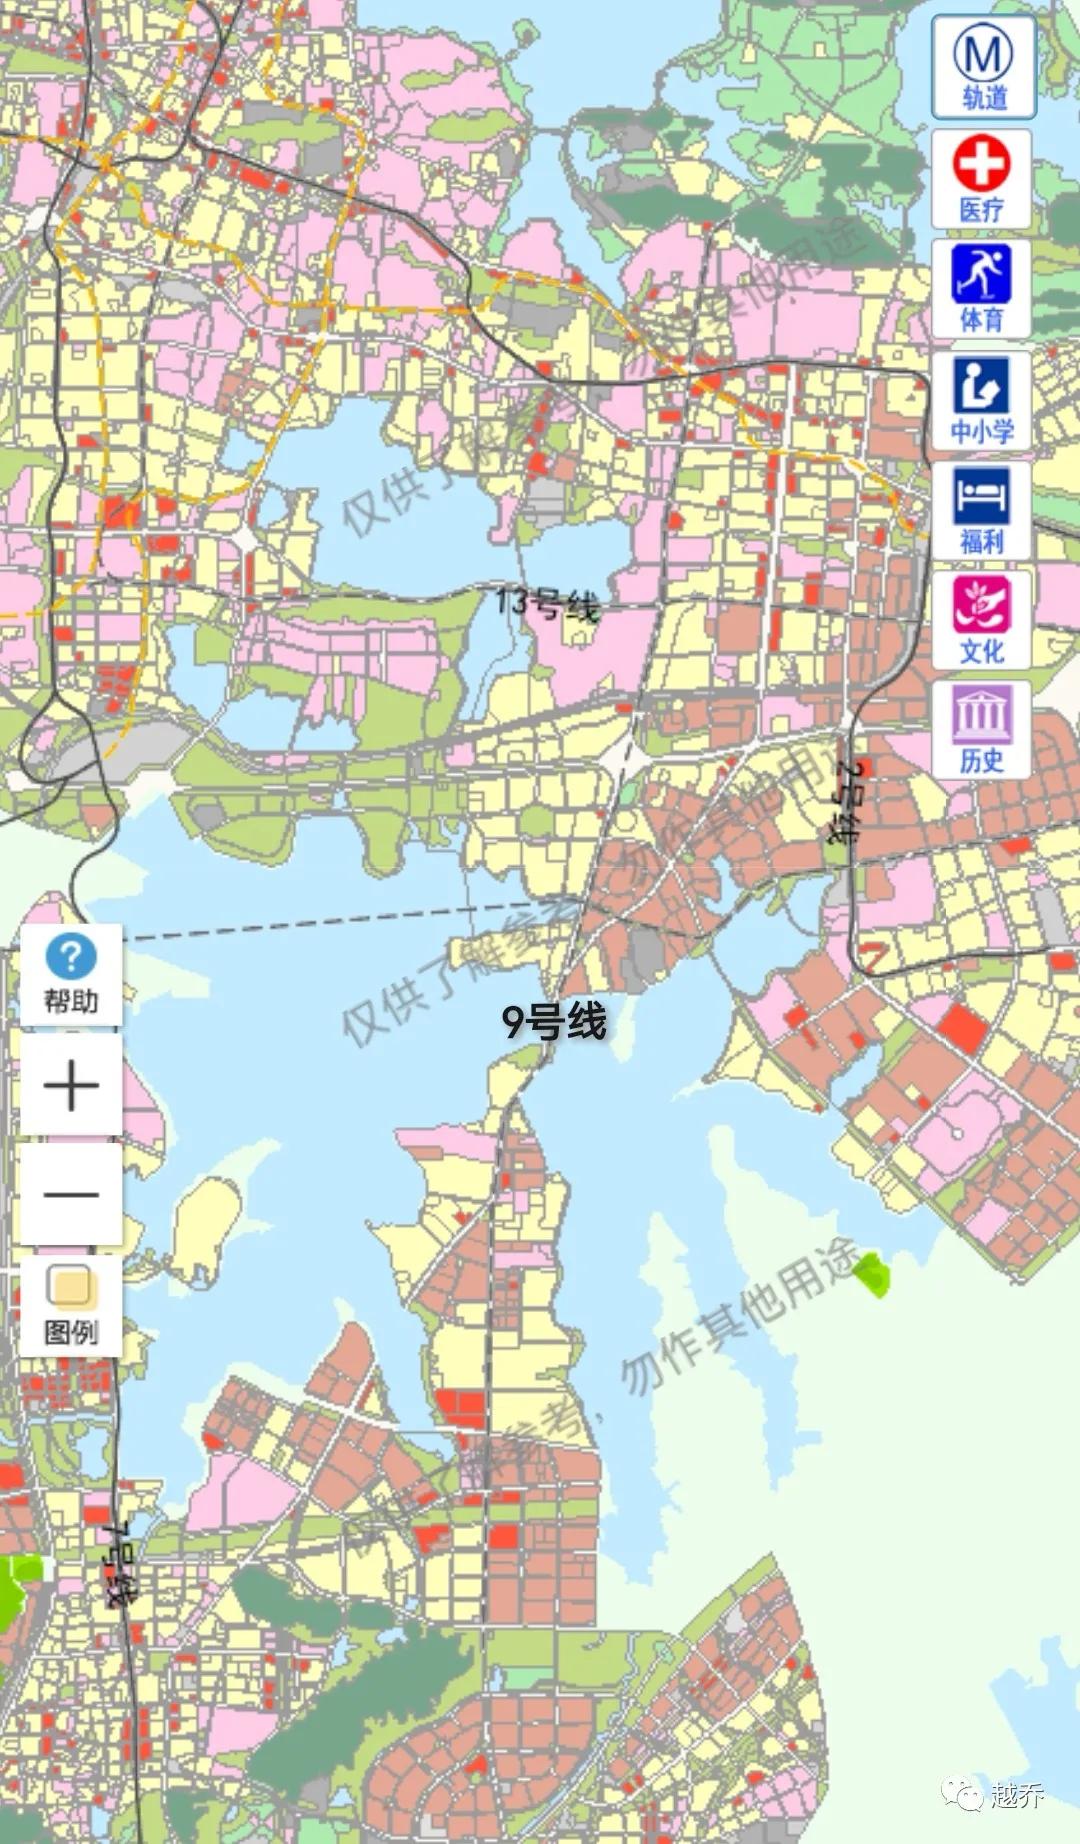 武汉地铁9号线亮相 站点具体落位曝光插图(2)